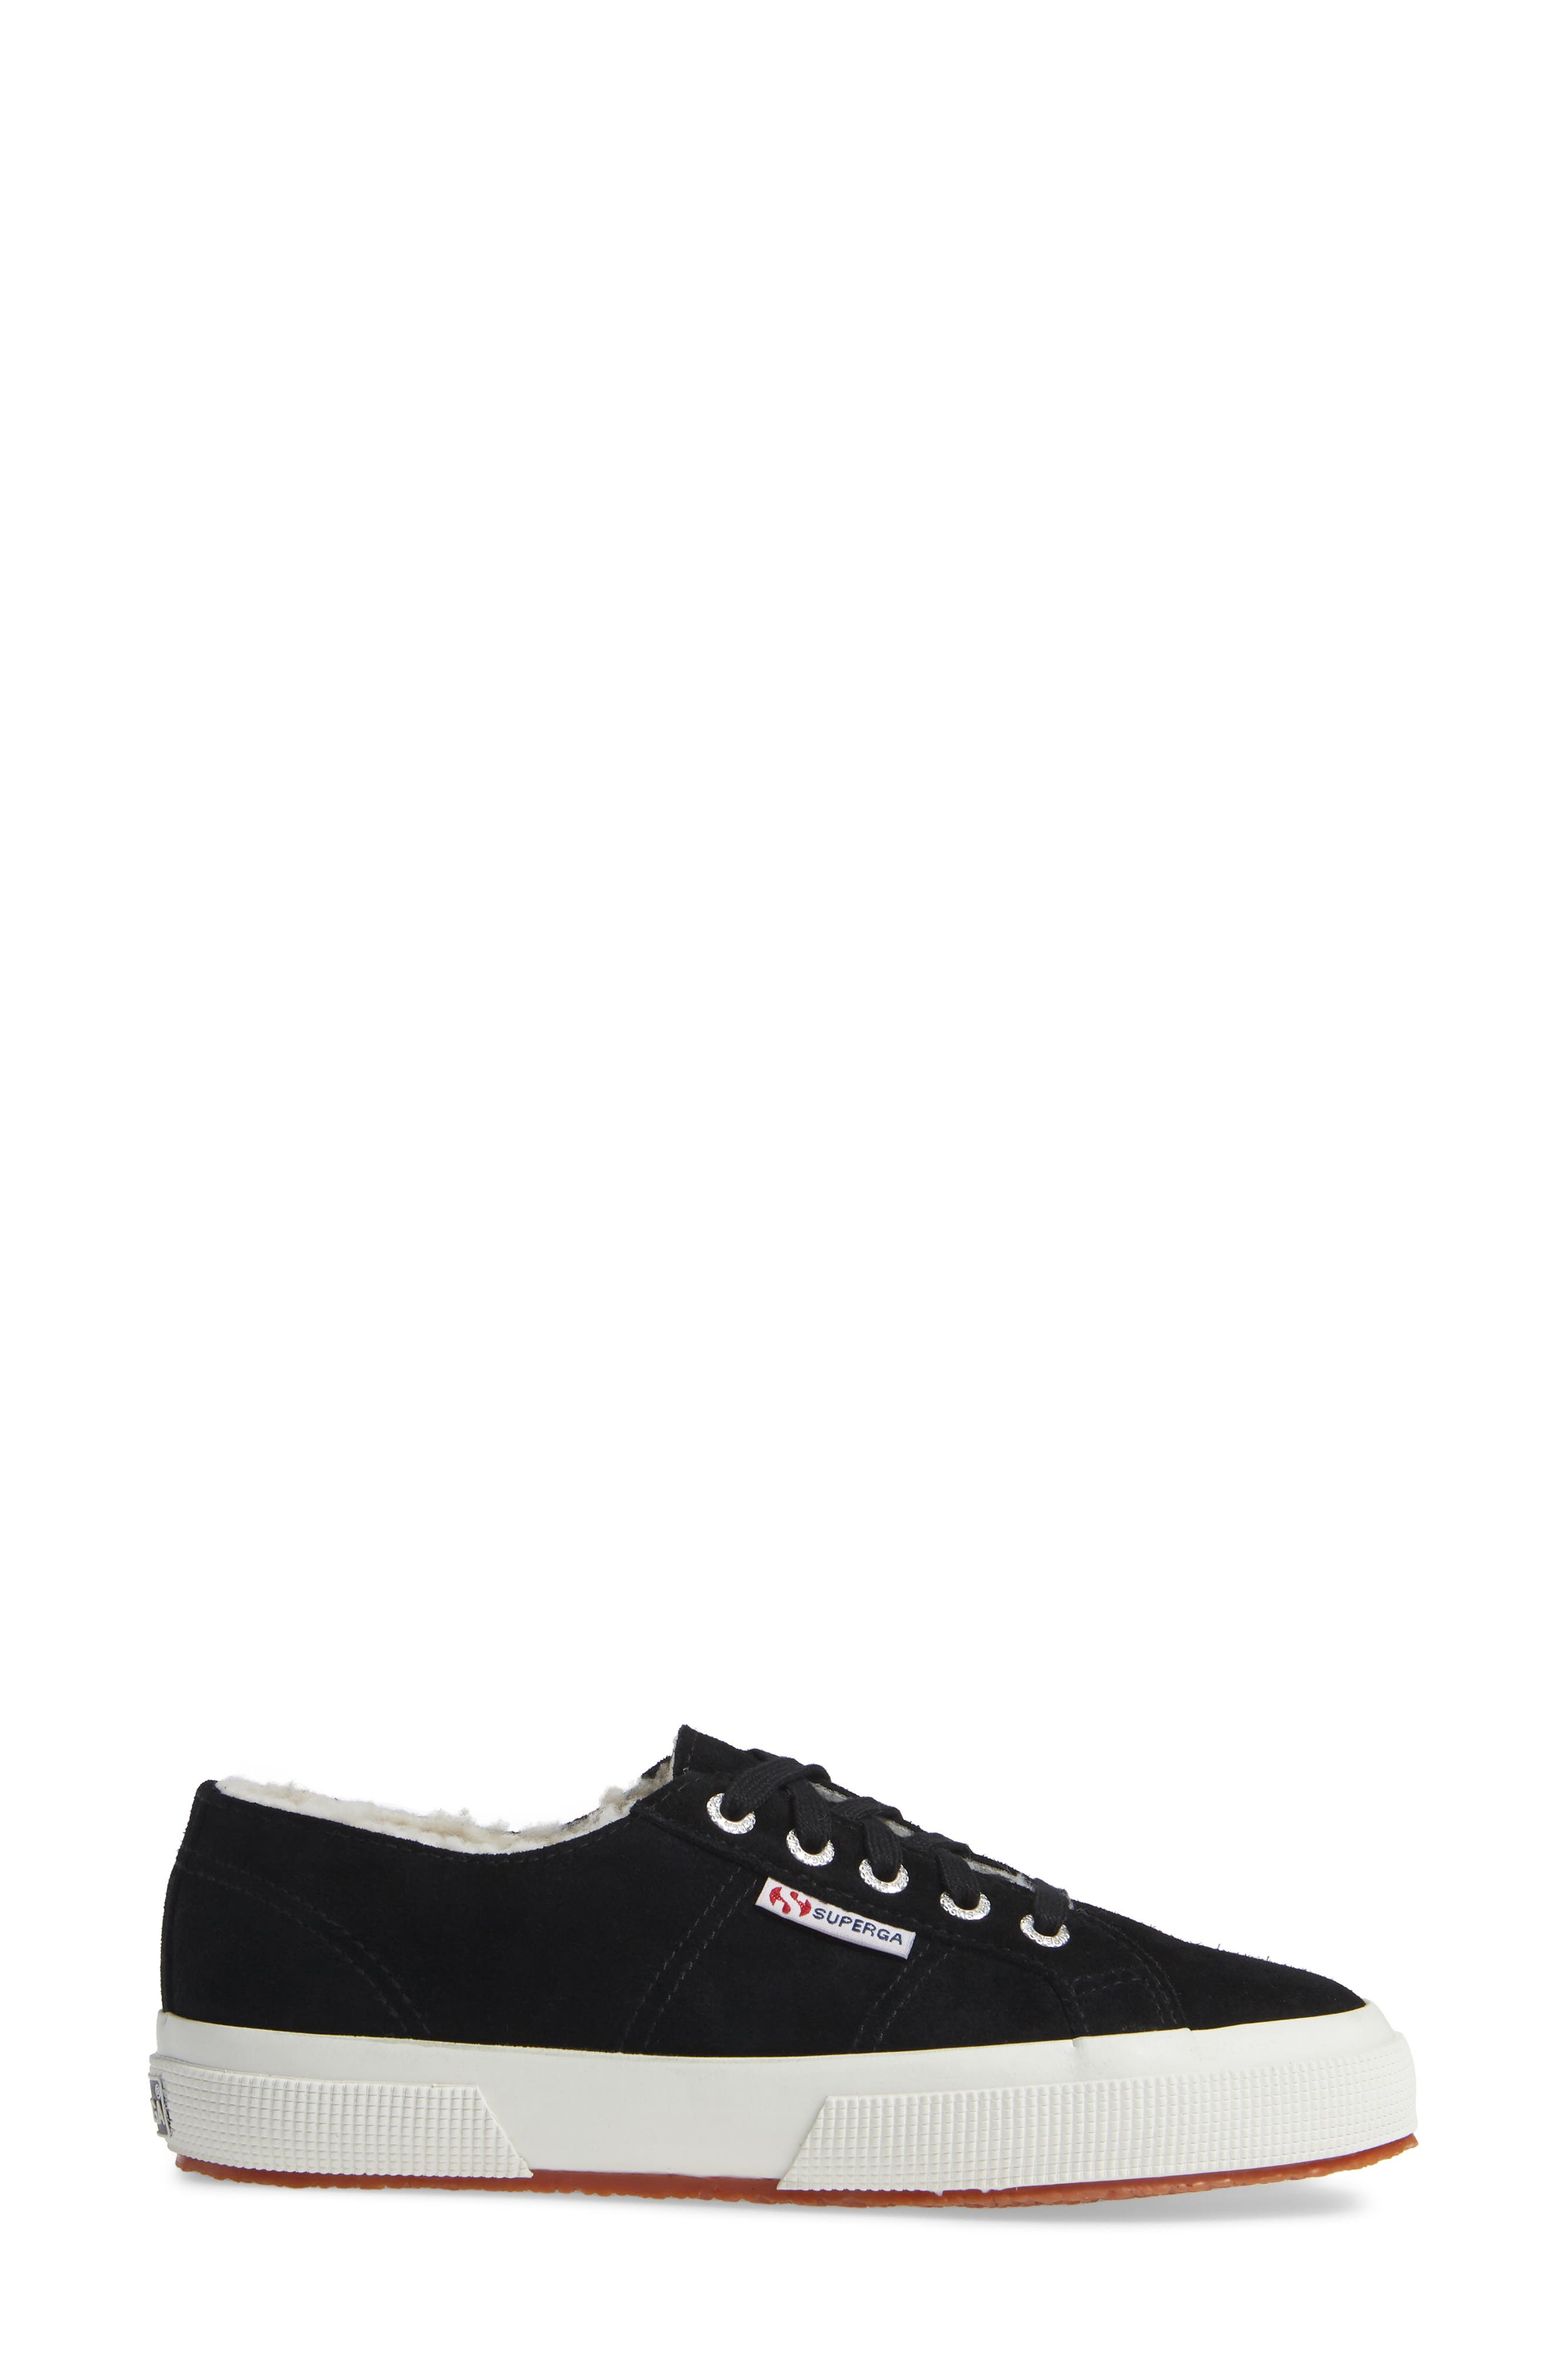 2750 Suefurw Sneaker,                             Alternate thumbnail 3, color,                             BLACK SUEDE